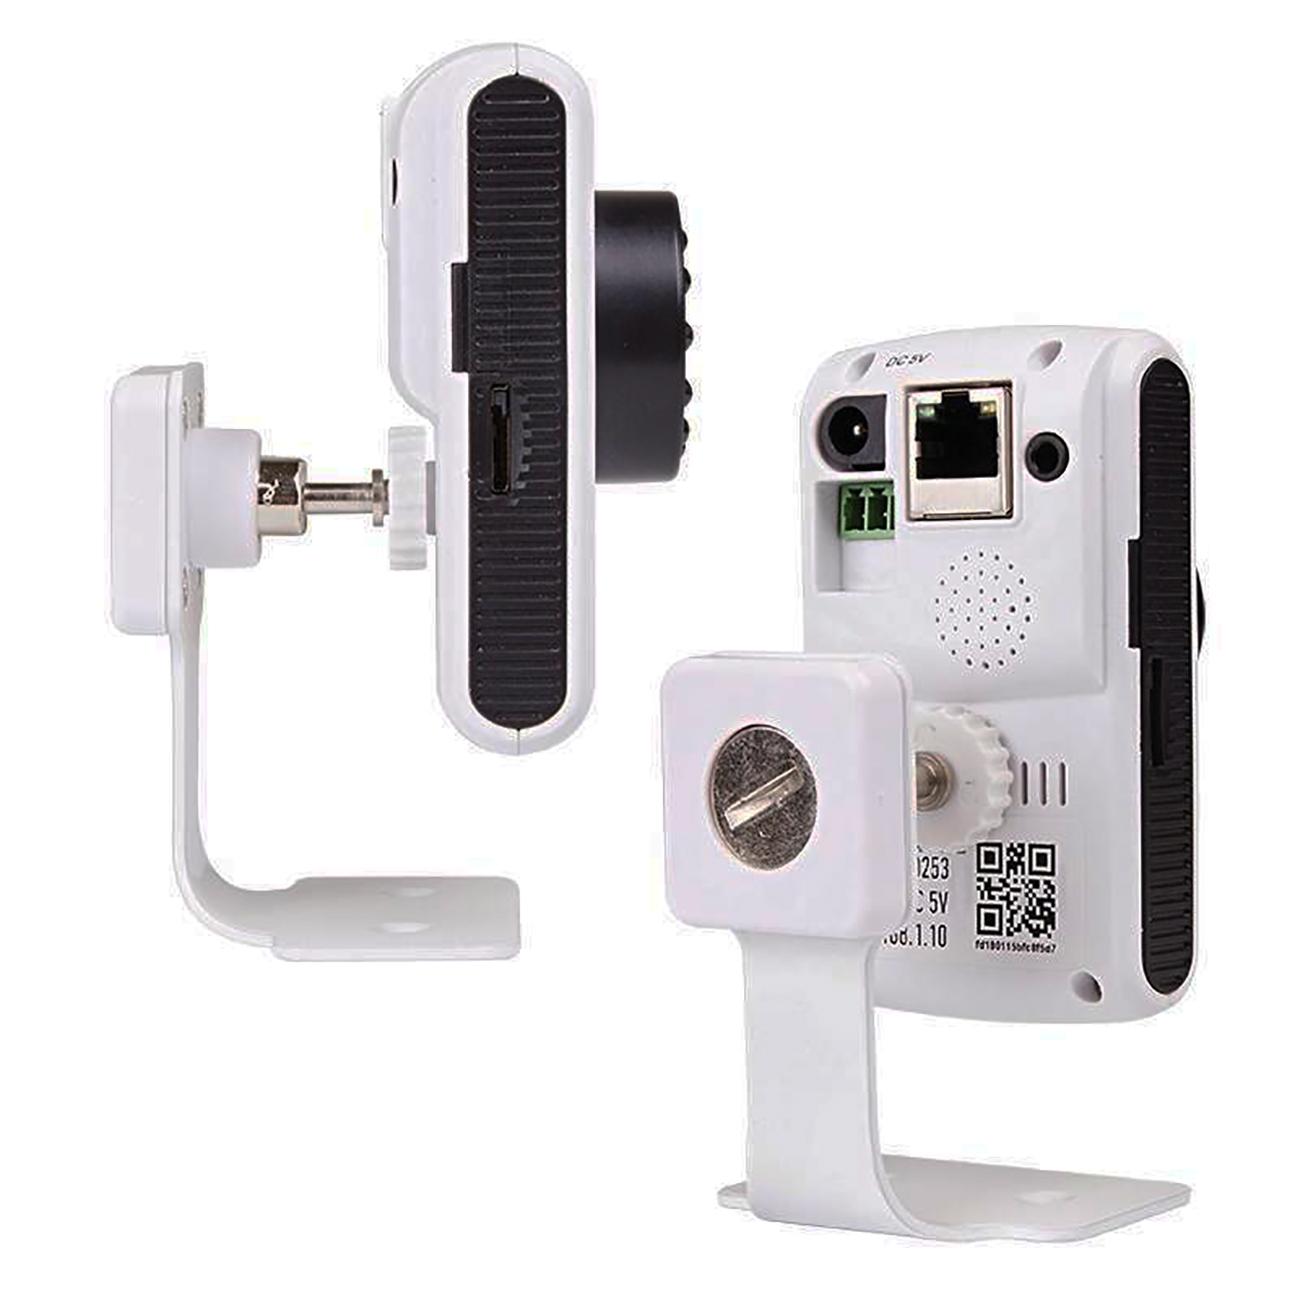 Фото Видеокамера IP Rexant, 1.0 Мп (720P), ИК до 15 м {45-0253} (1)